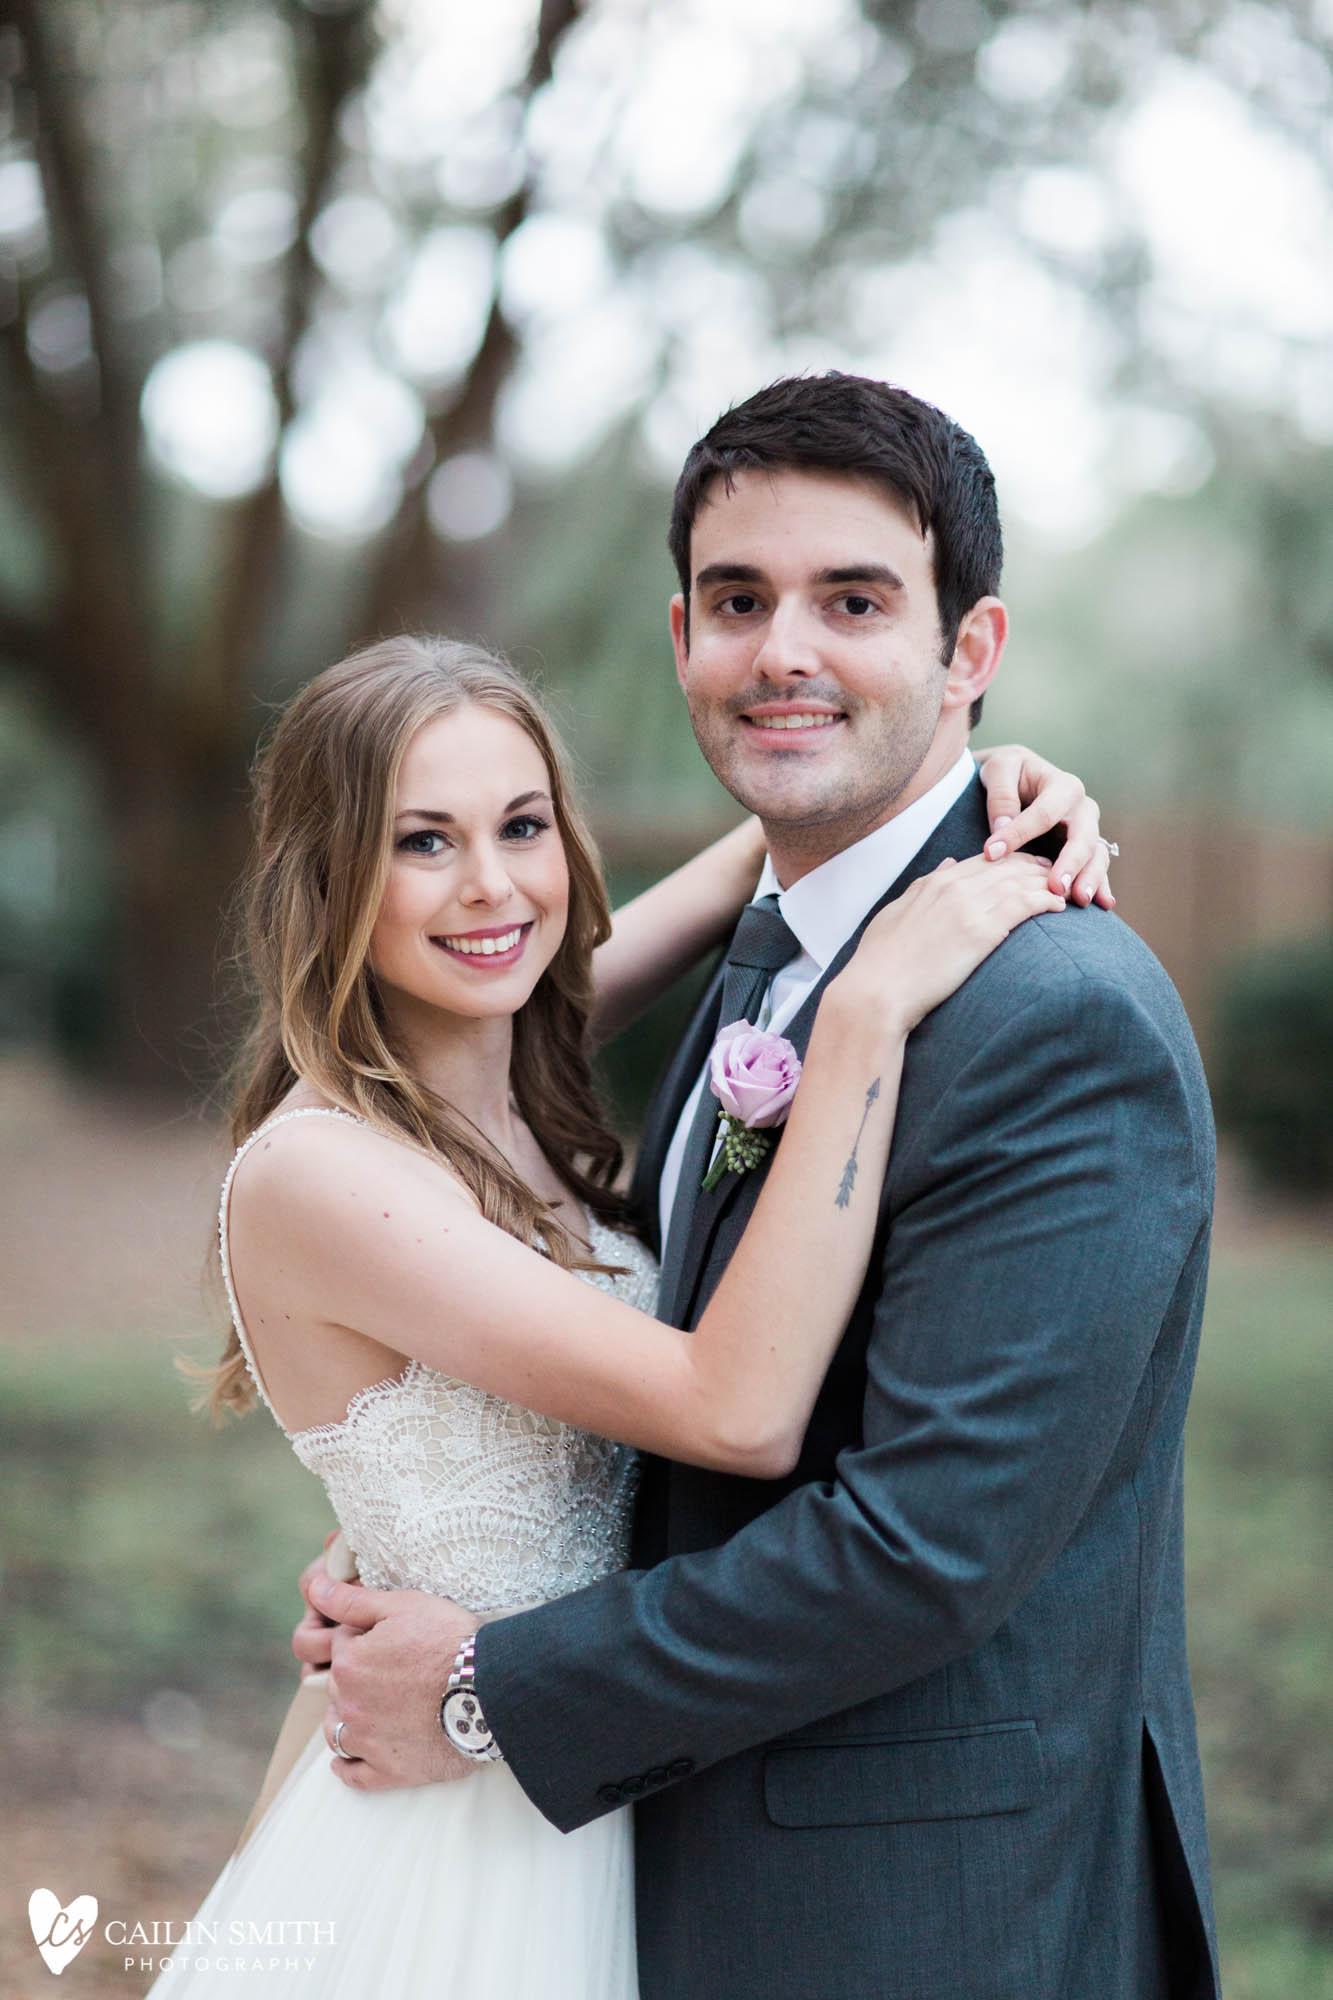 Sylvia_Anthony_Bowing_Oaks_Plantation_Wedding_Photography_0073.jpg